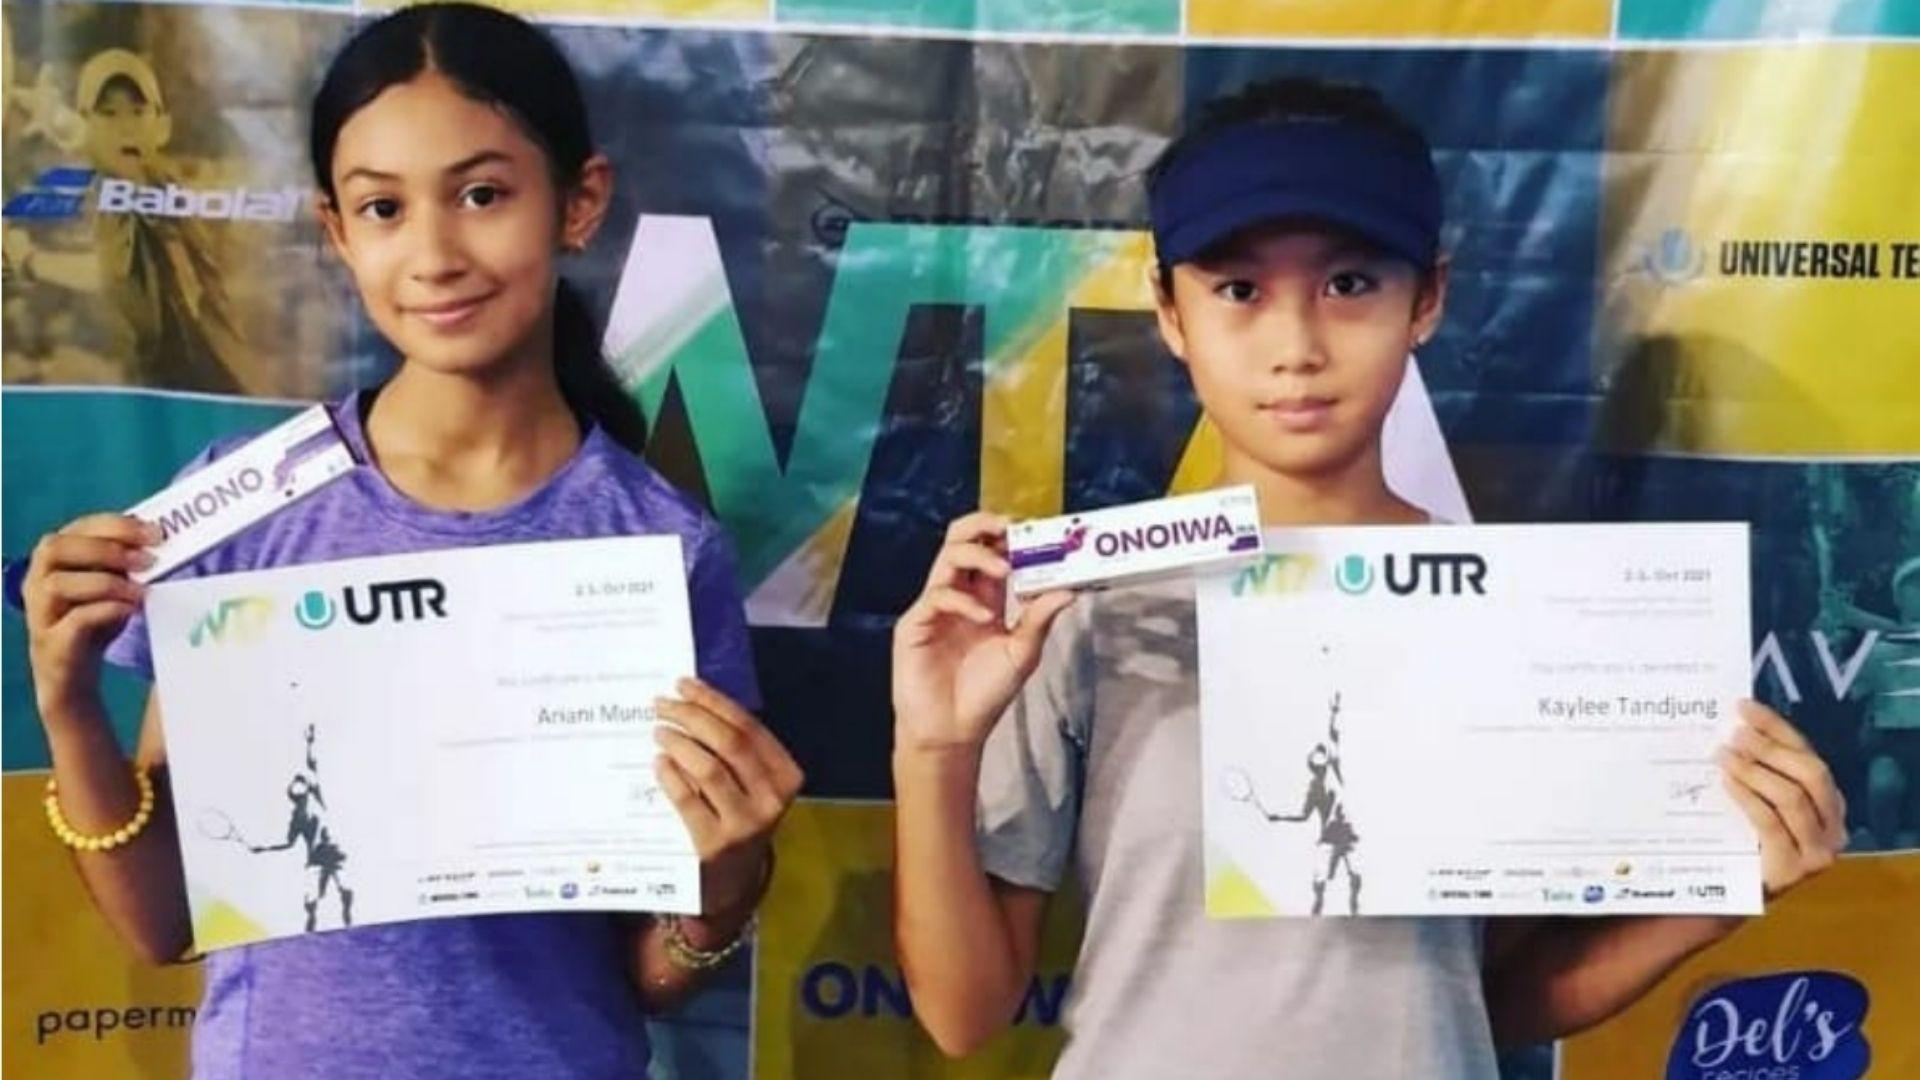 Onoiwa MX Sponsori WTA Doubles Tournament